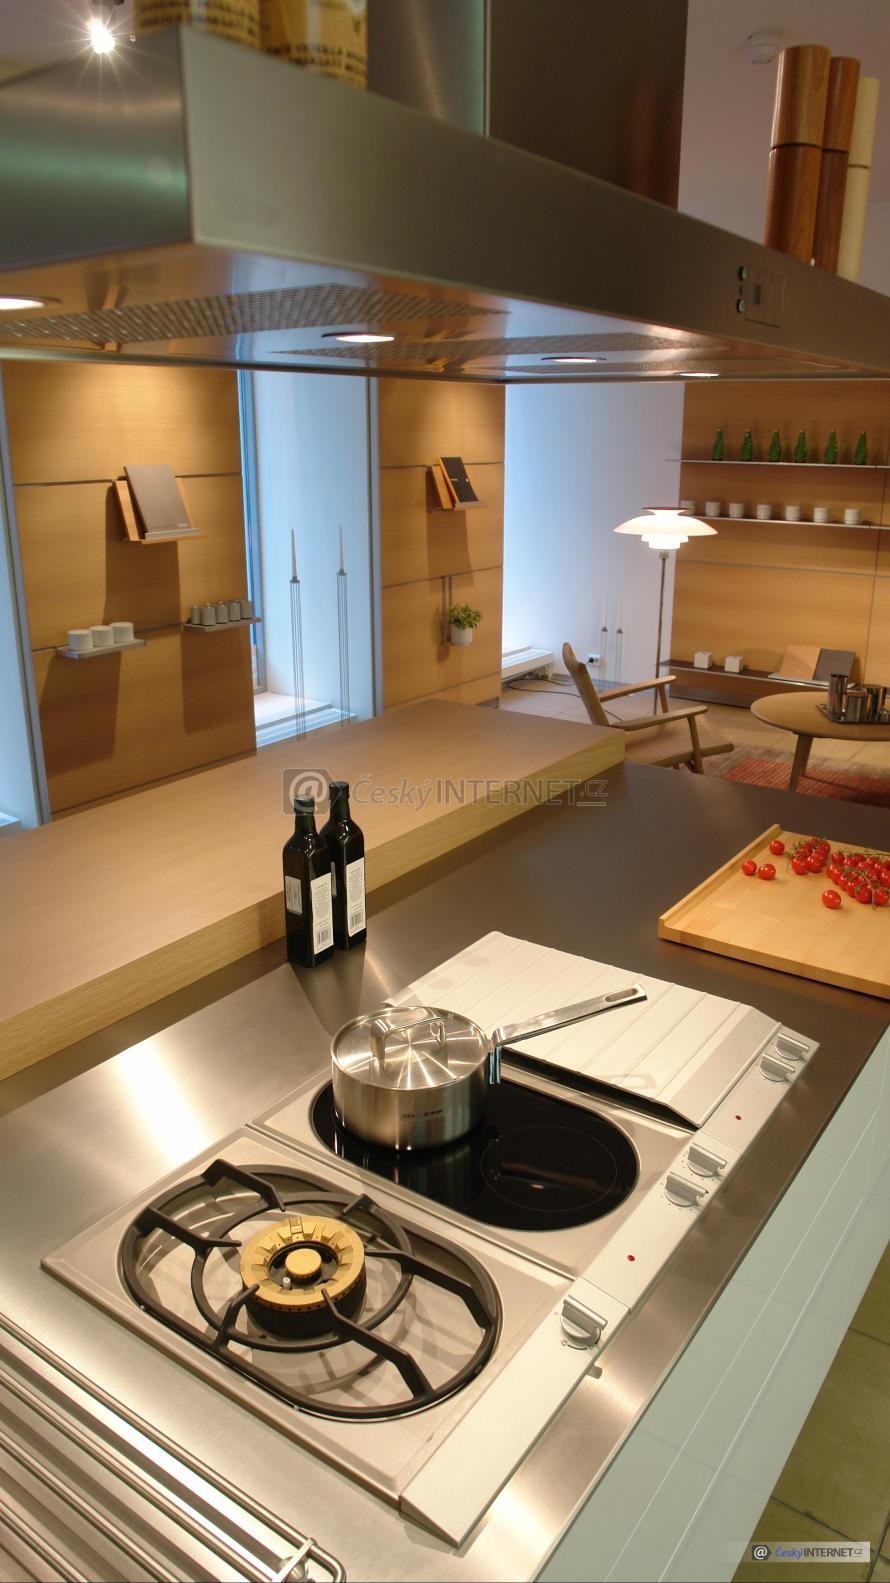 Moderní kuchyně s jídelním koutem.